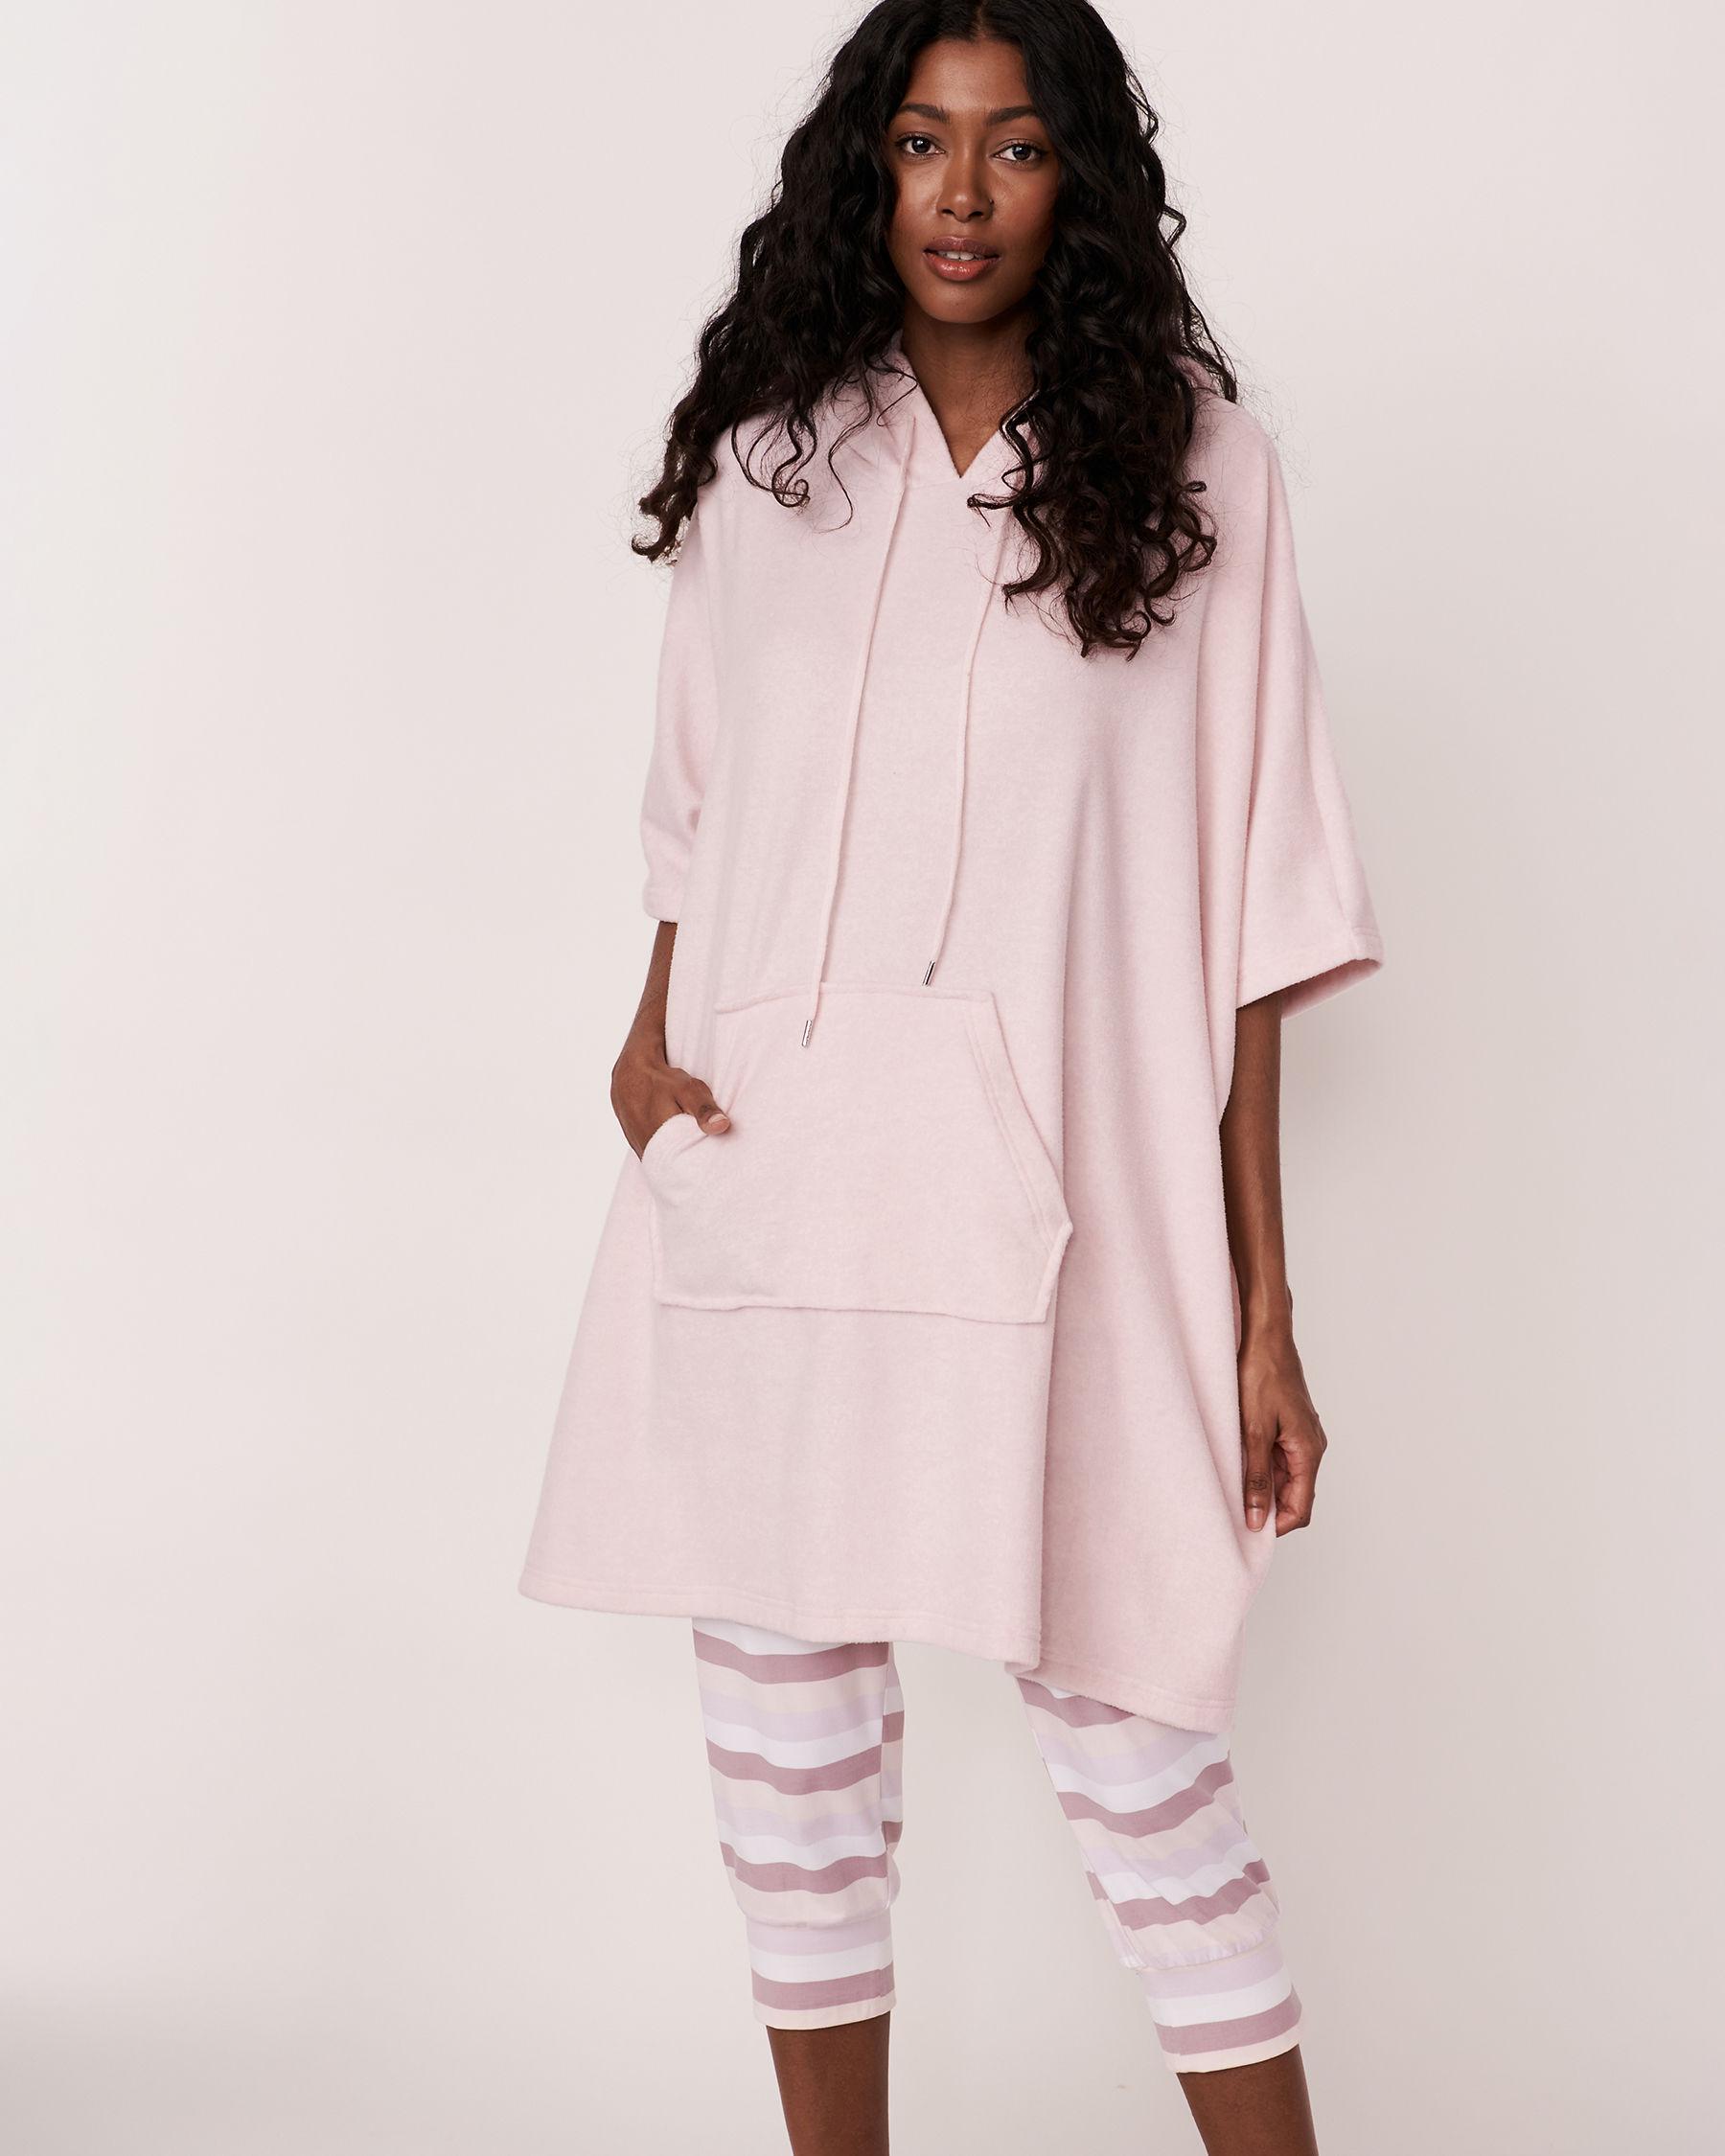 LA VIE EN ROSE Hooded Poncho Grey mix 40700020 - View1